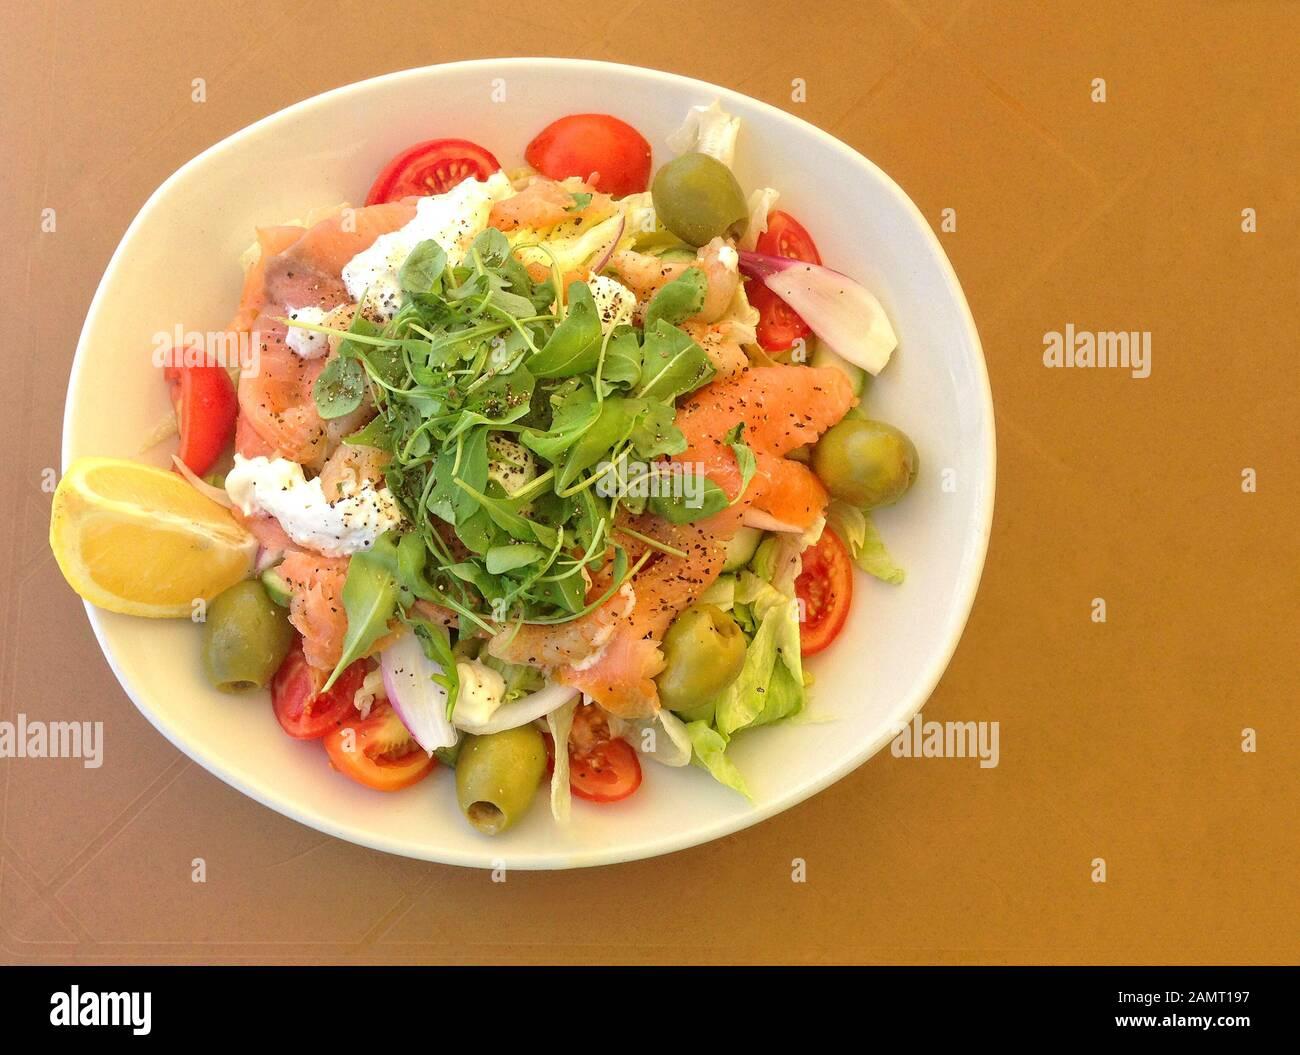 Plate Of Shrimp And Smoked Salmon Salad Stock Photo Alamy